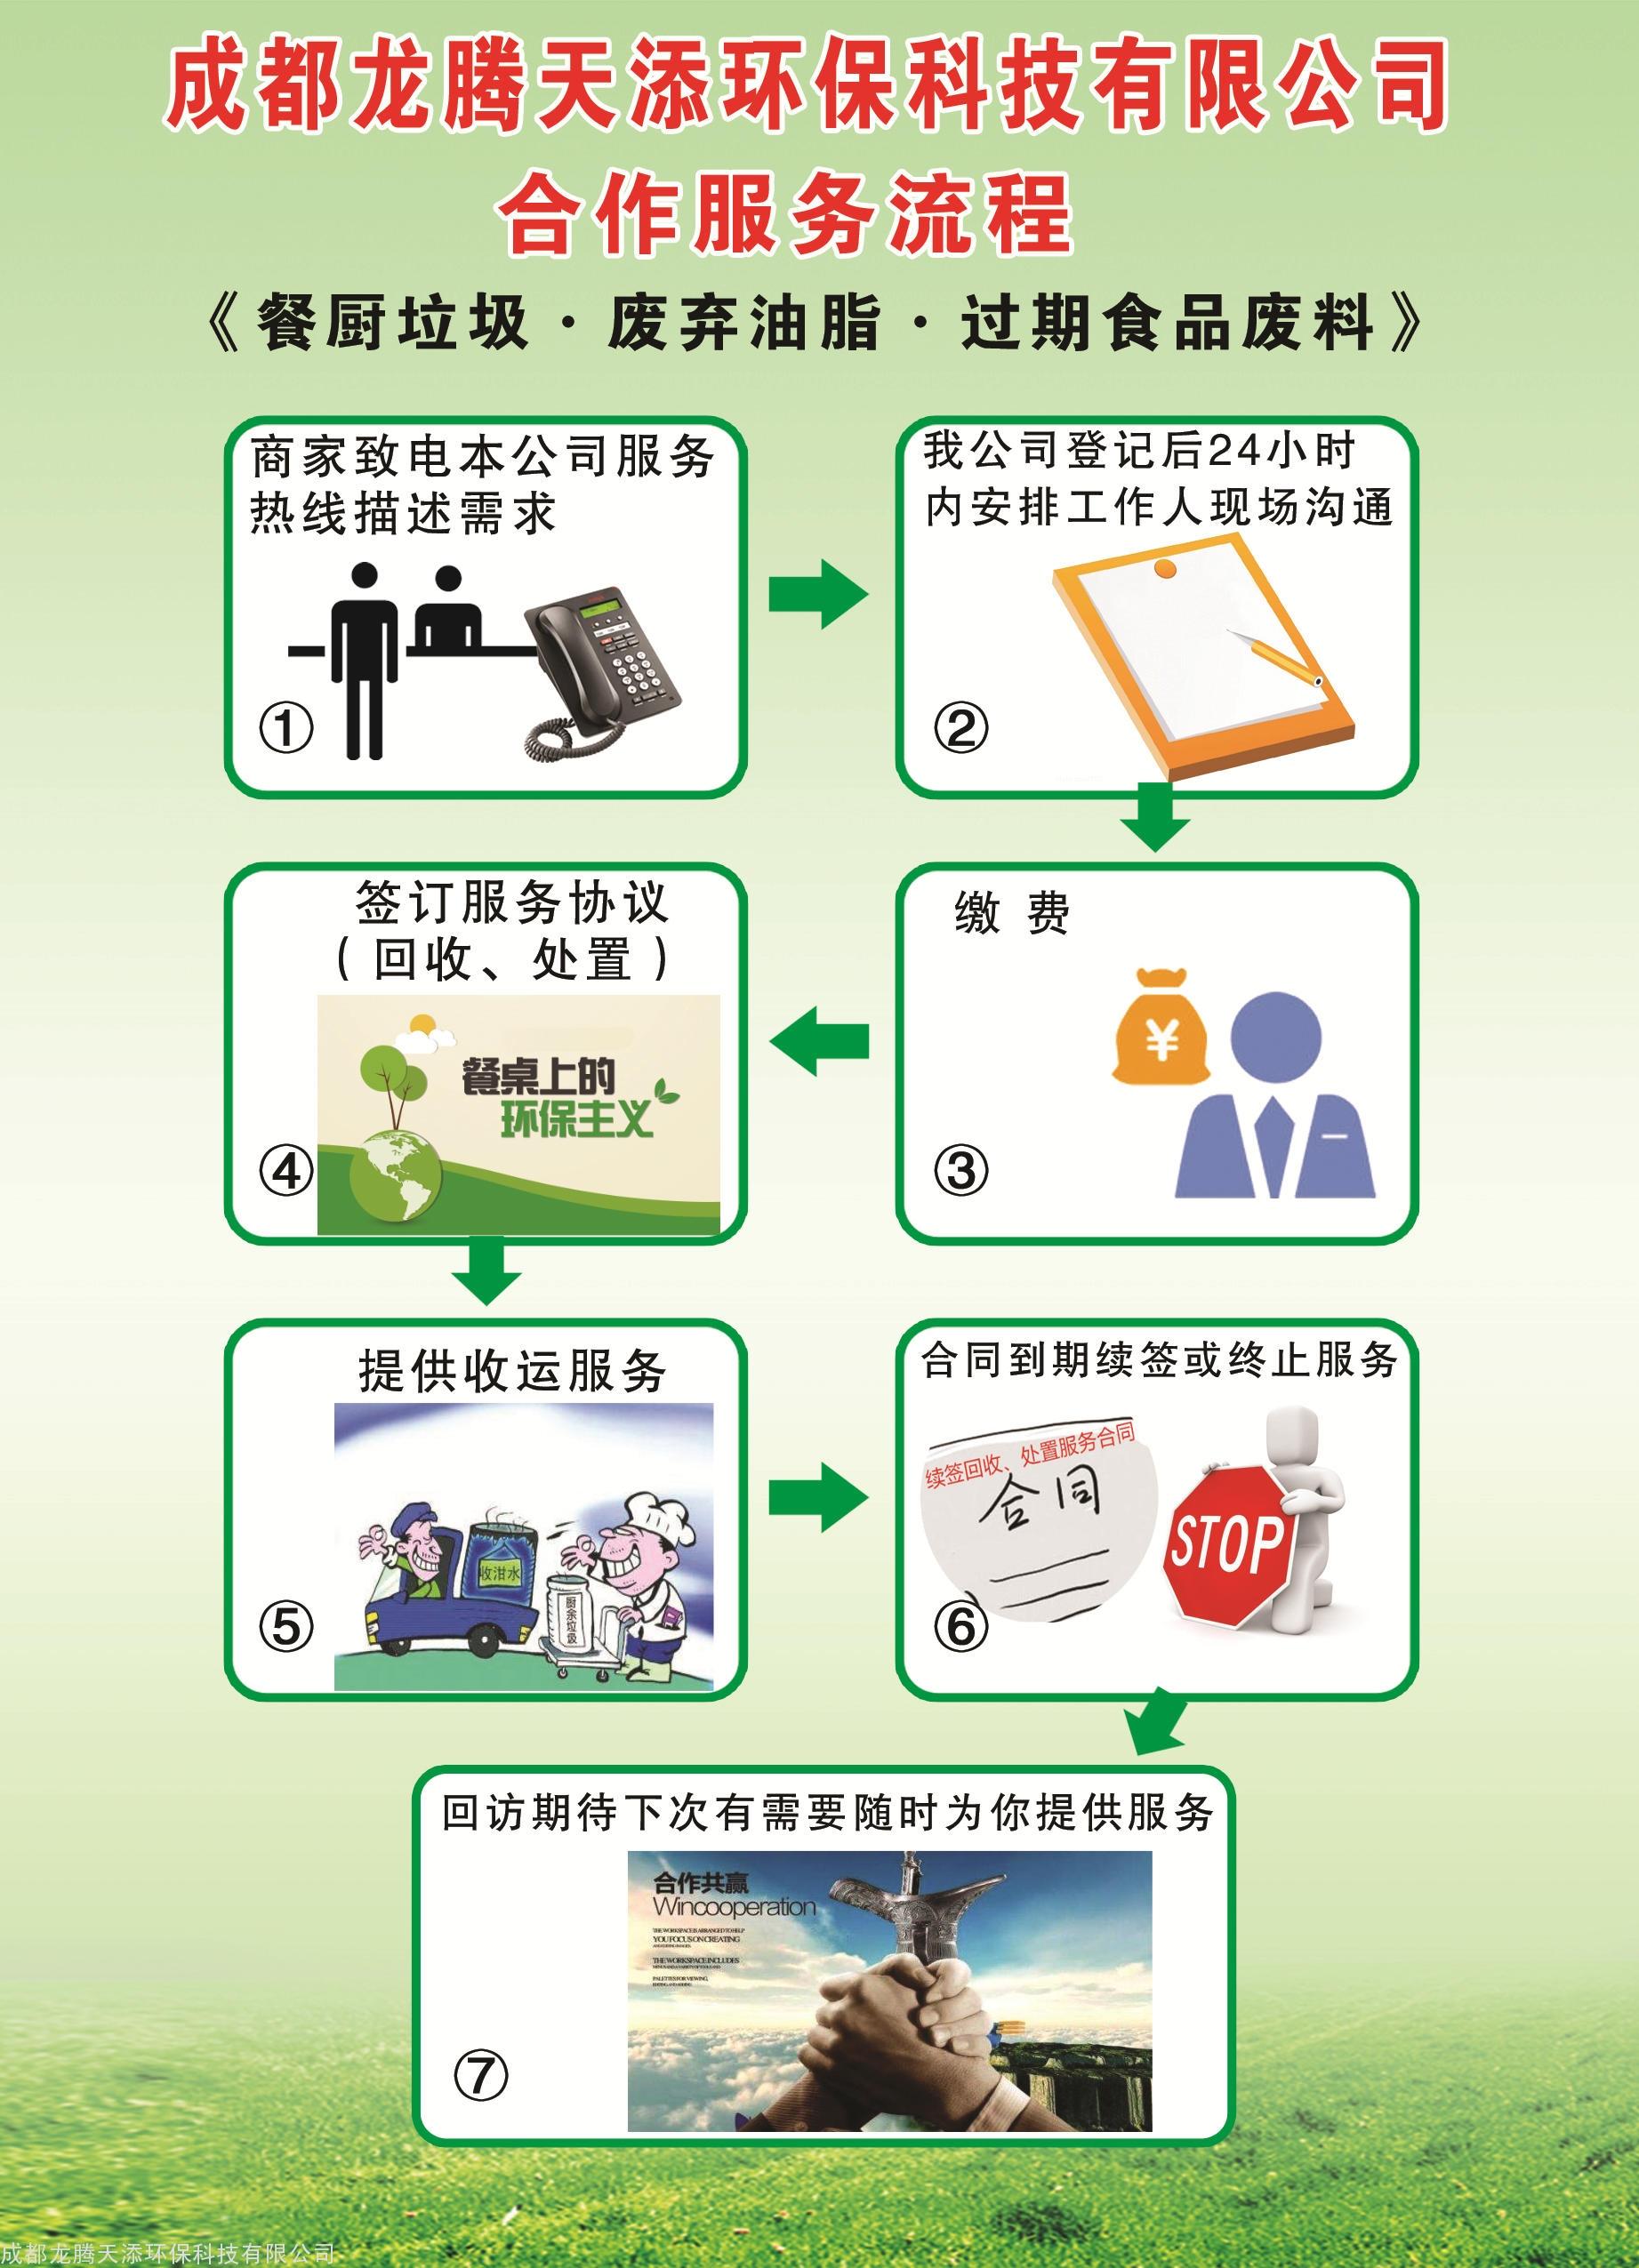 合作服务流程图